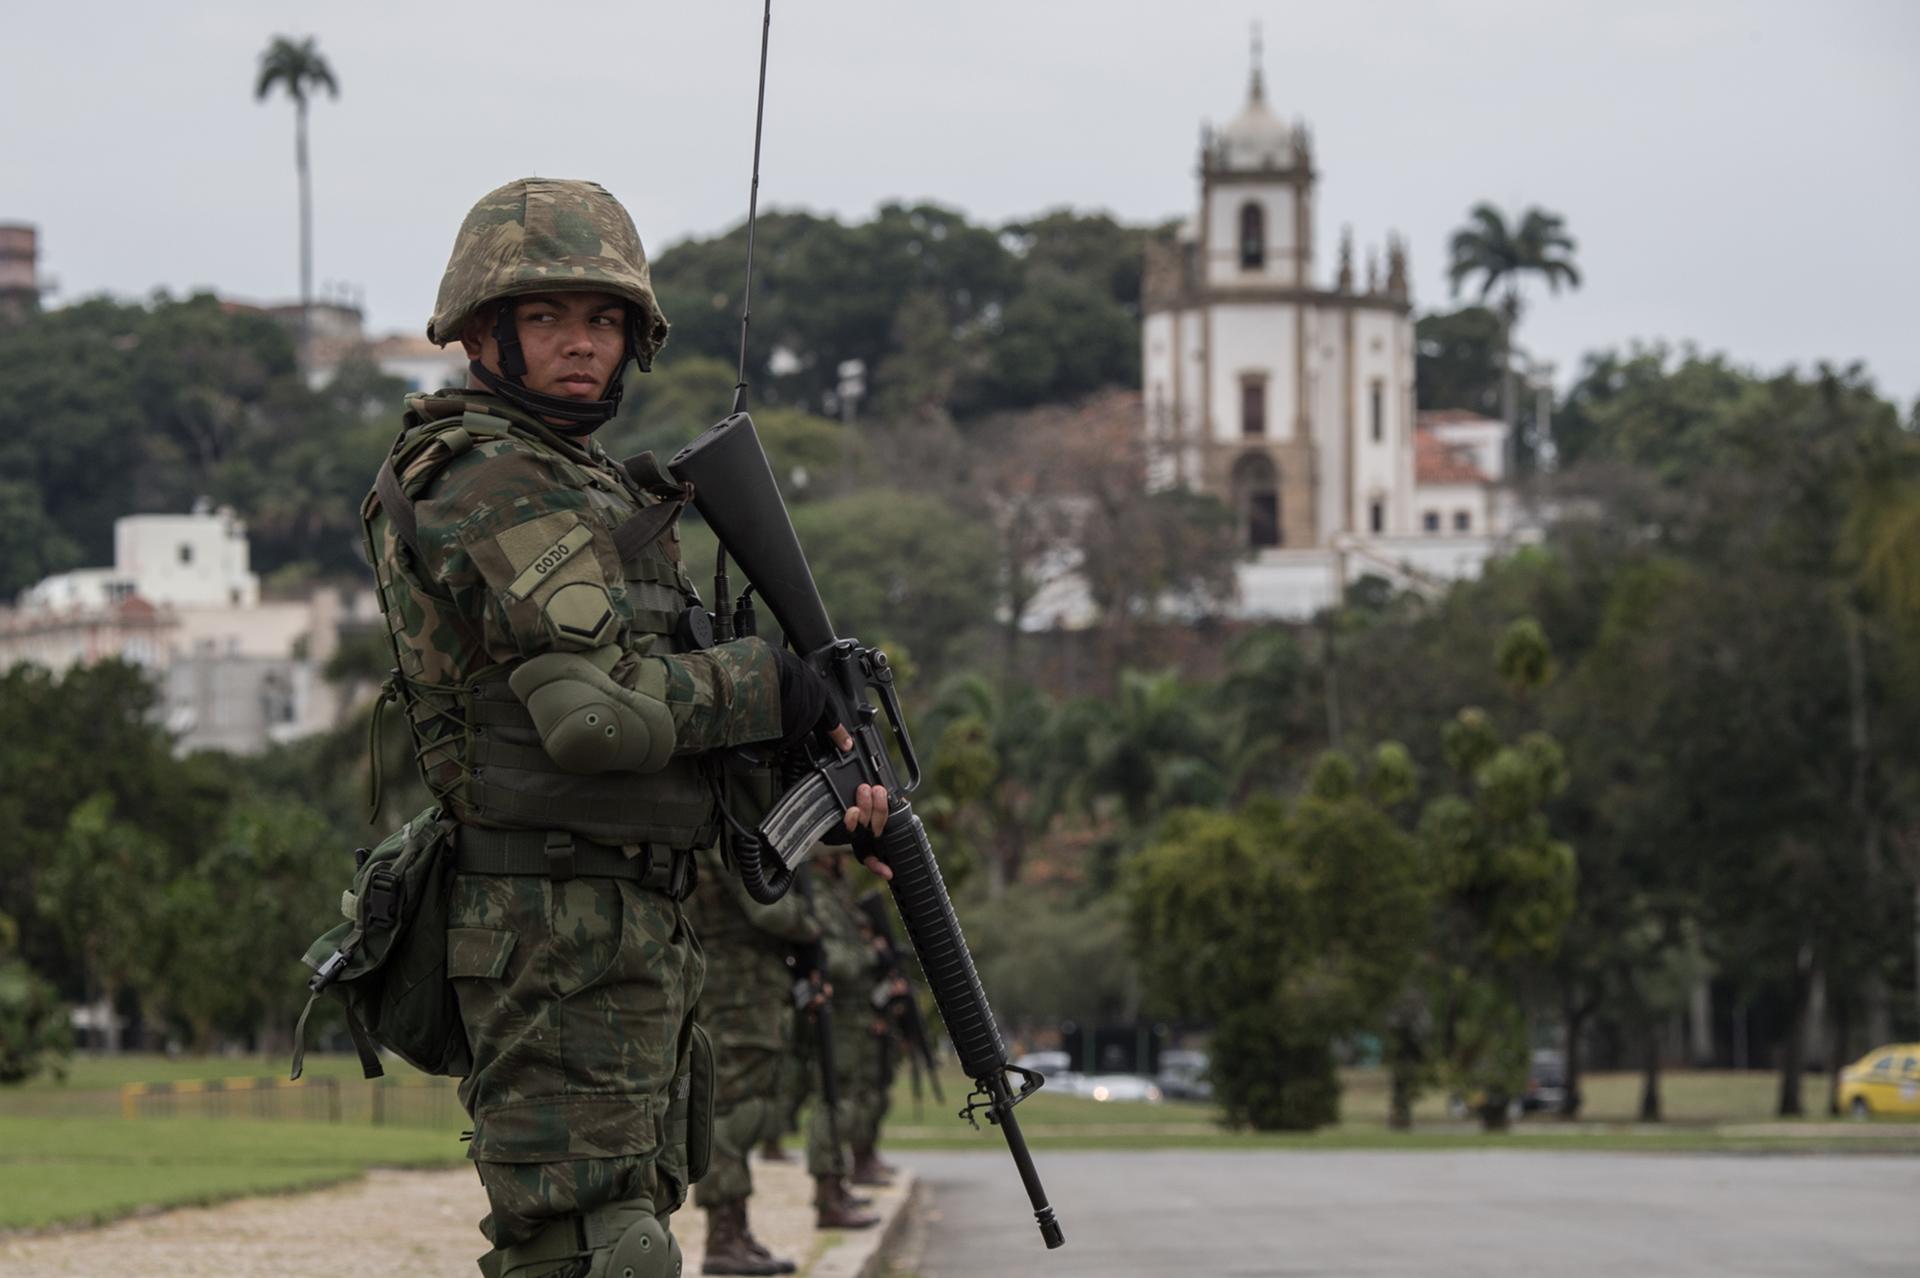 Los marines deberán garantizar la seguridad de 700.000 de visitantes, que acudirán a la ciudad brasileña para presenciar el megaevento deportivo (AFP)